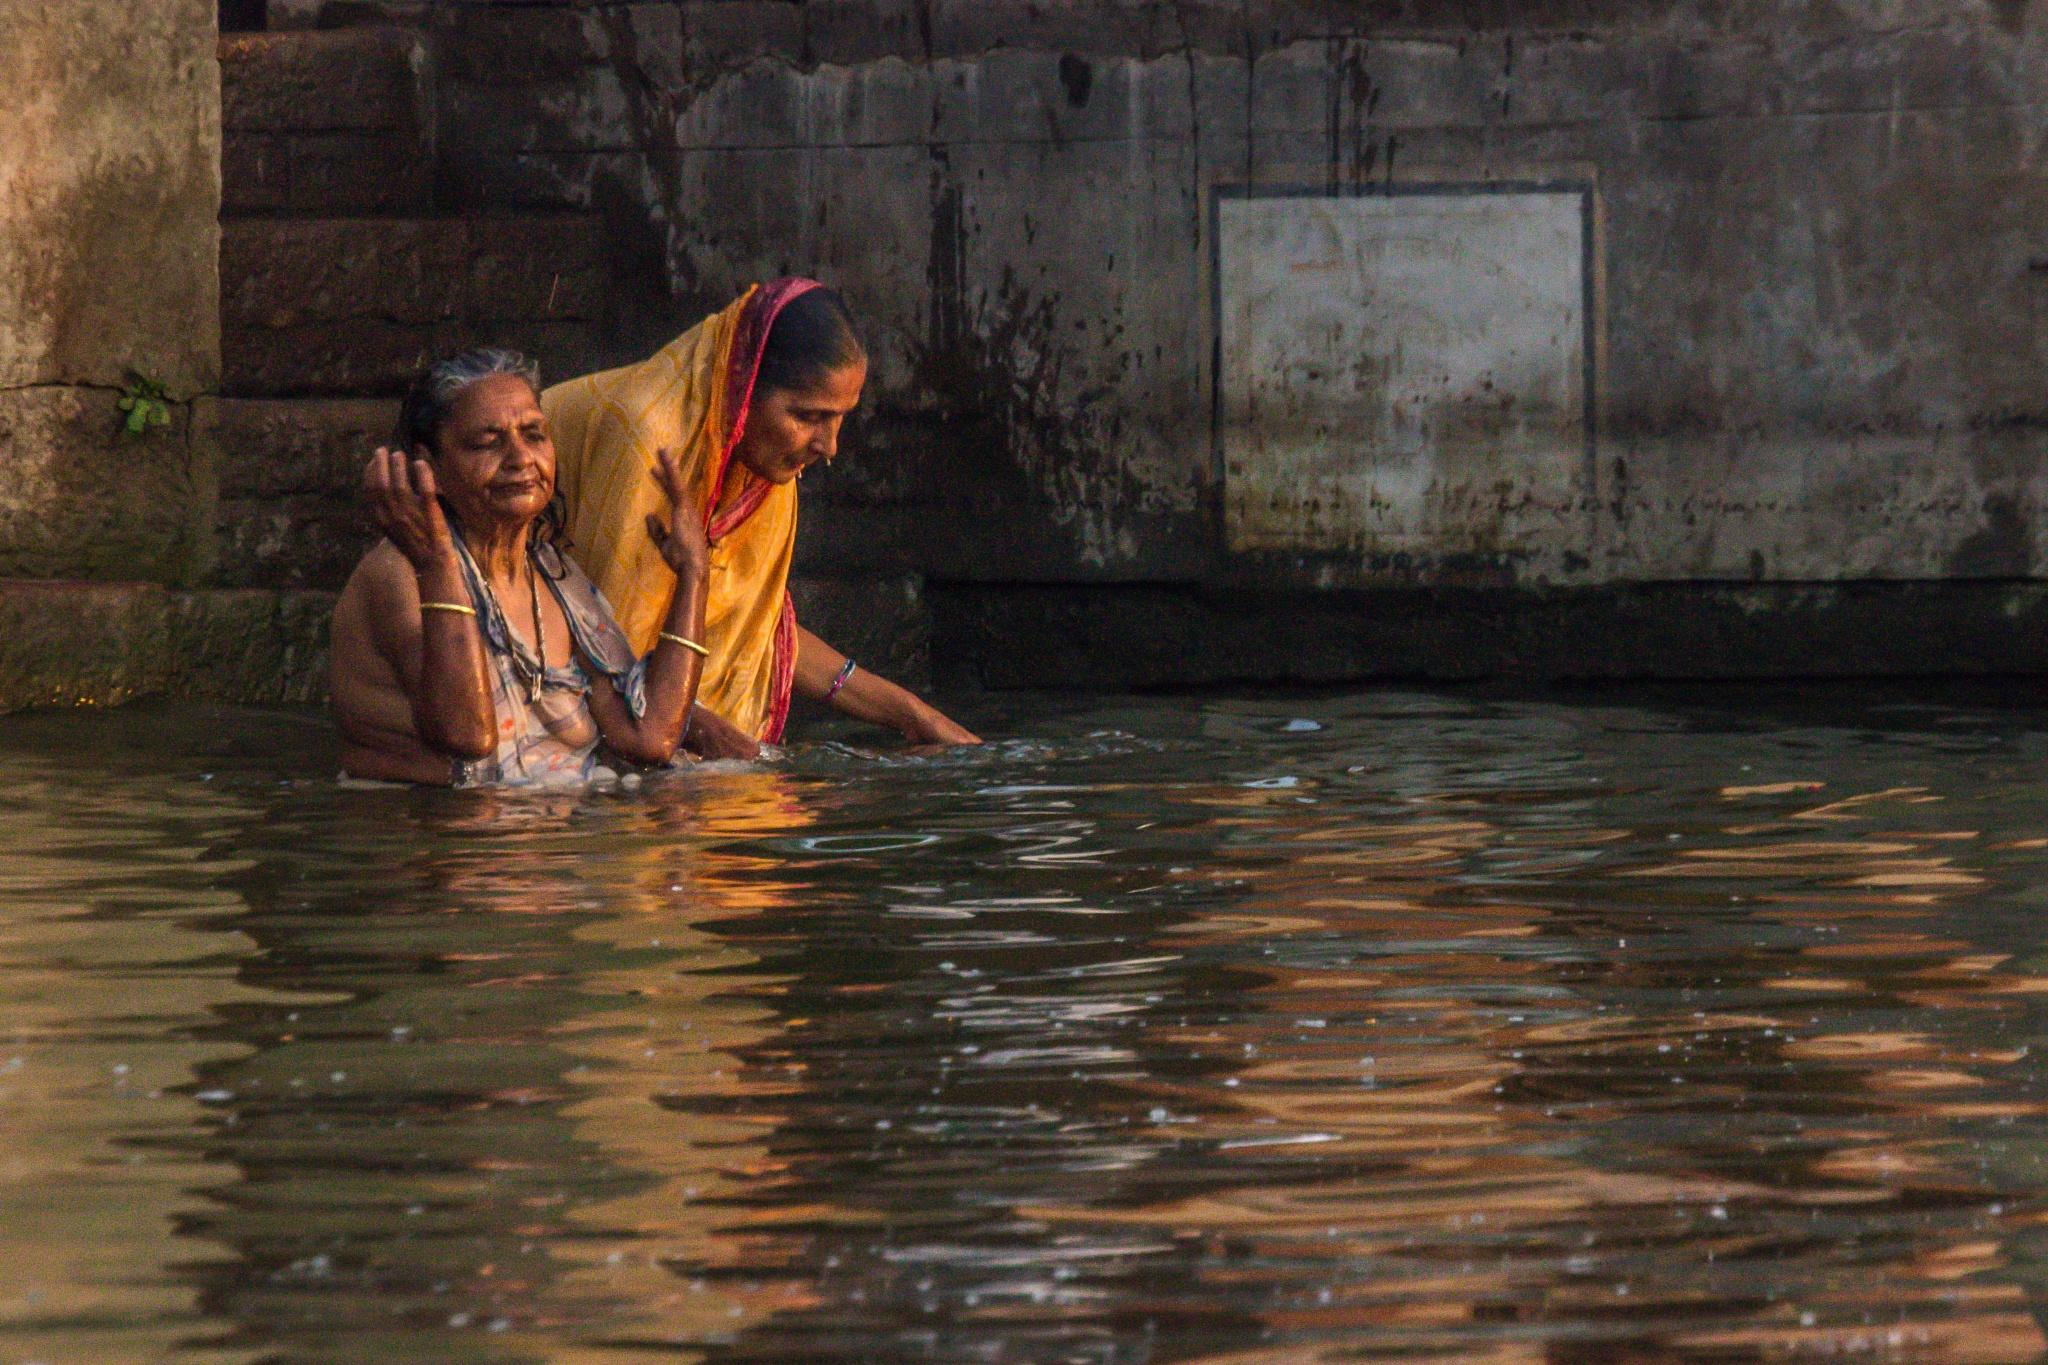 The sacred bath by elisah